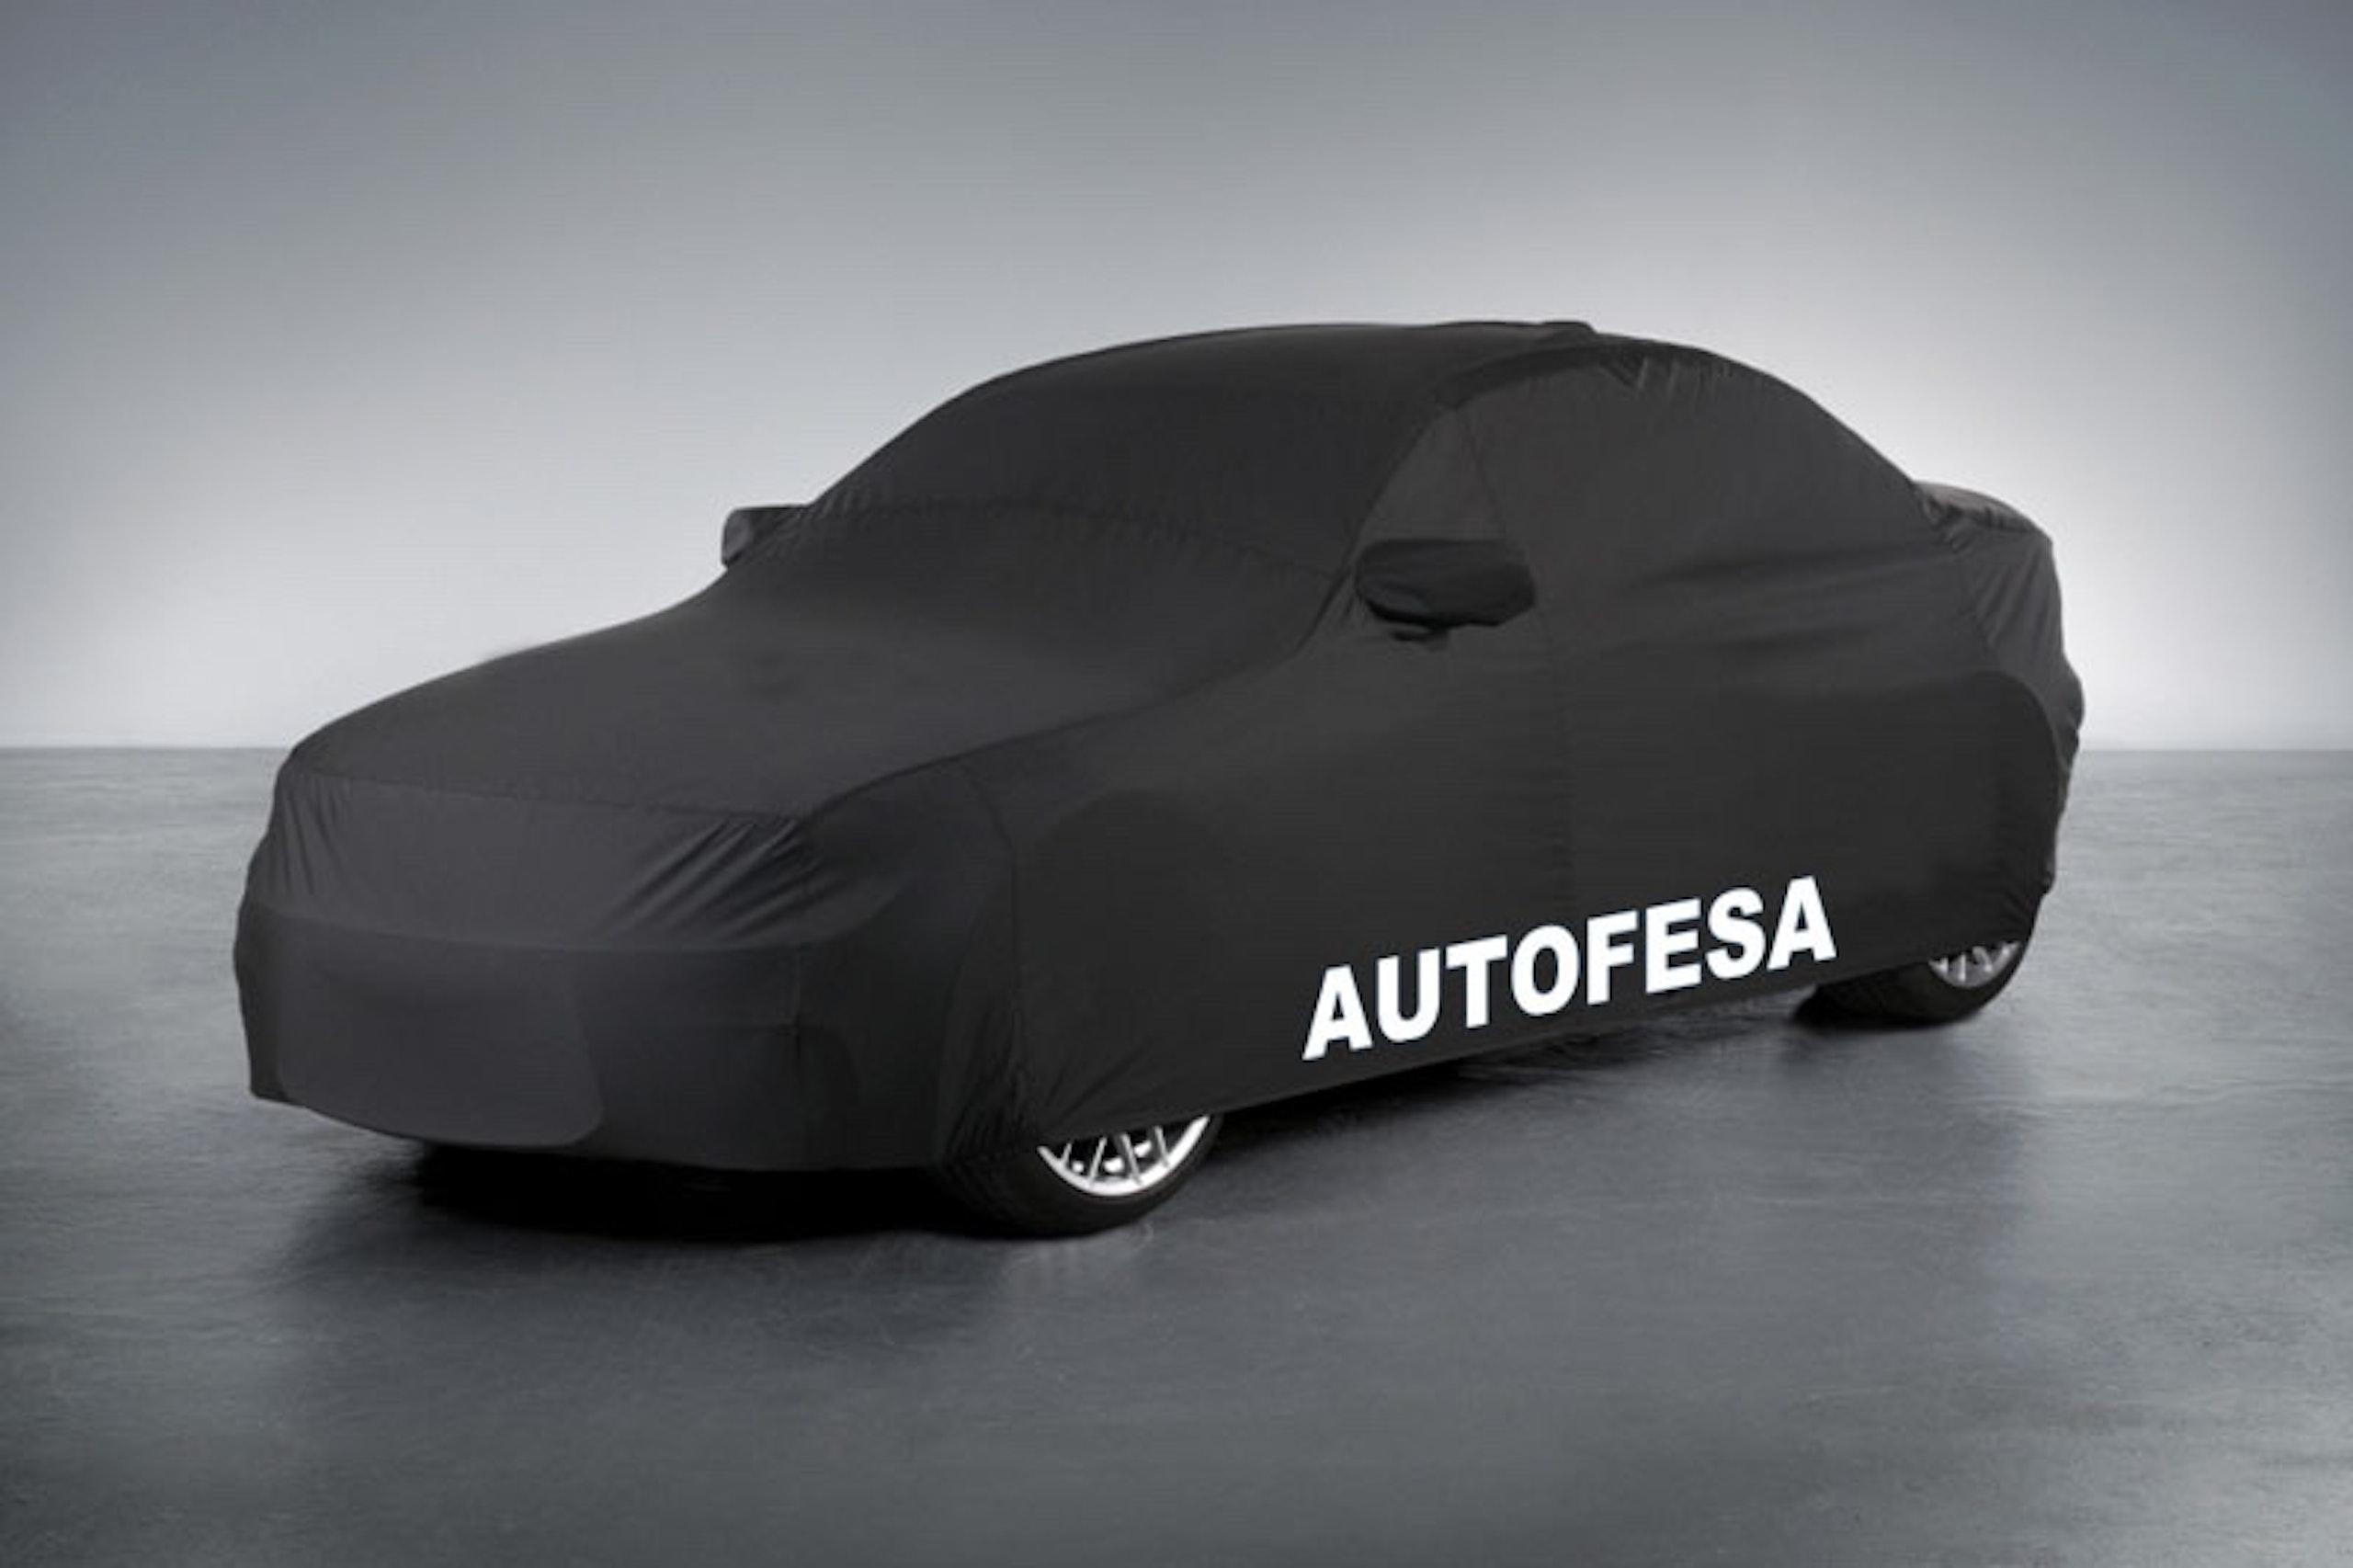 Fotos del Audi Q5 Hybrid 2.0 TFSI 245 quattro tiptronic 5p Exterior 1